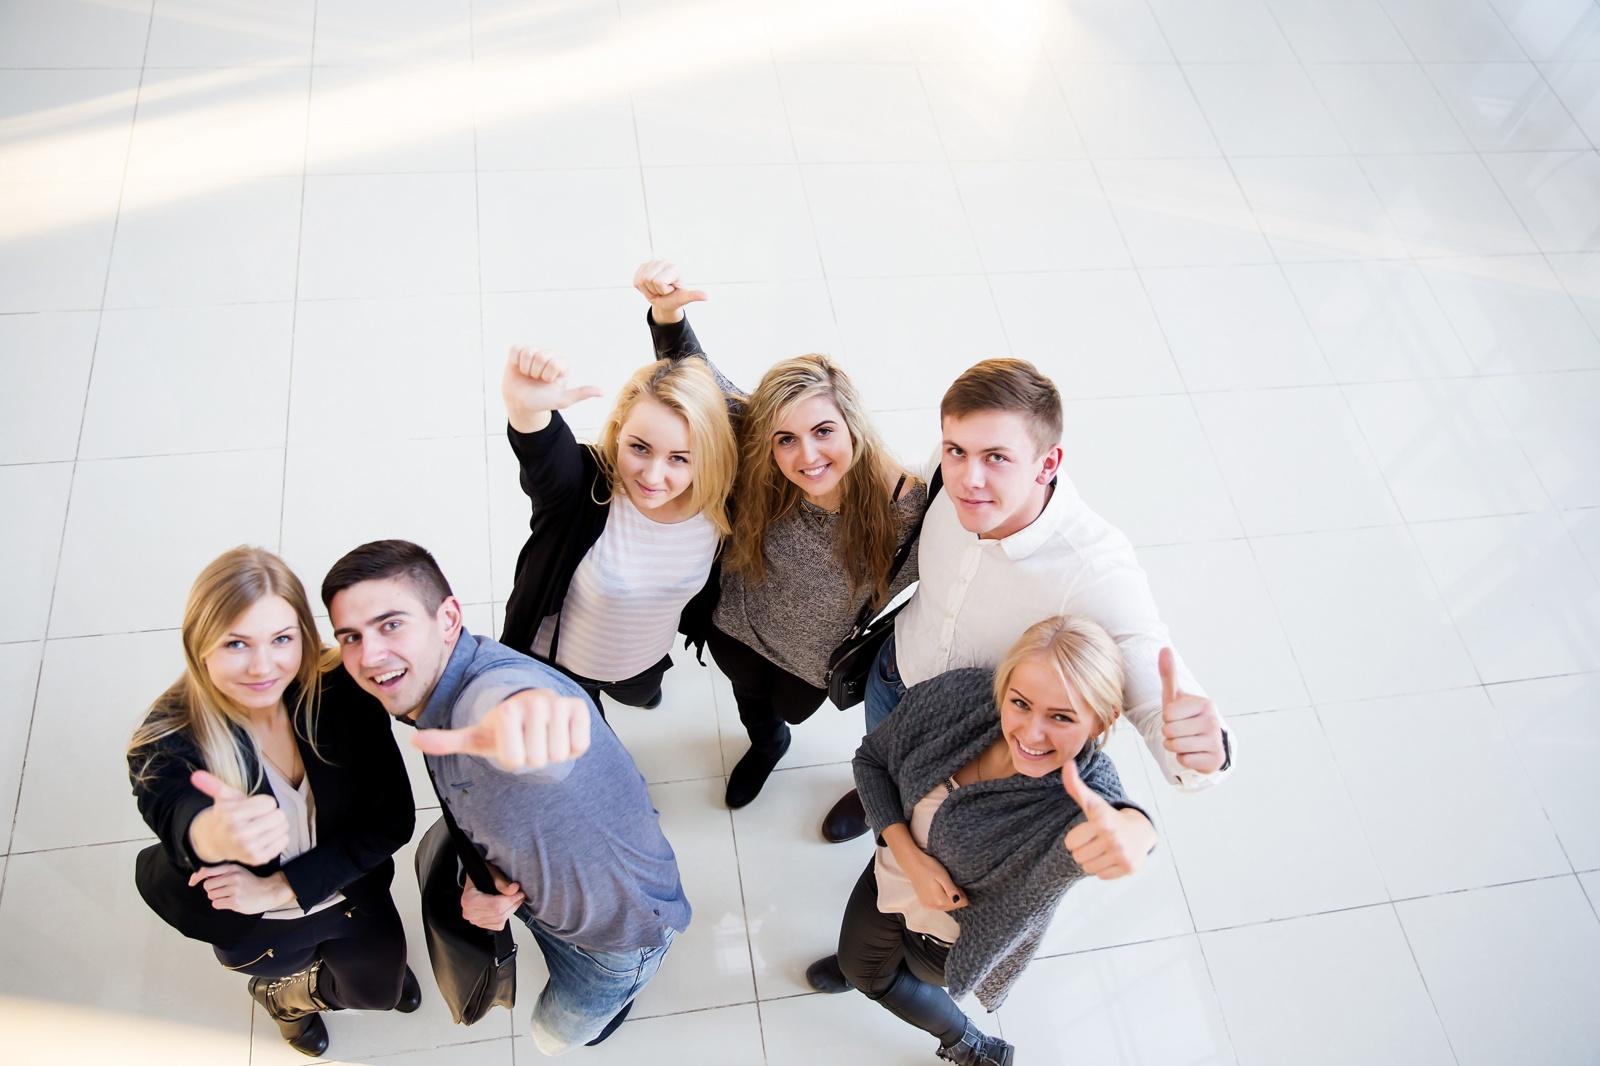 Pagal studentų požiūrį ir studijų aplinką Šiaulių universitetas – geriausiųjų trejetuke